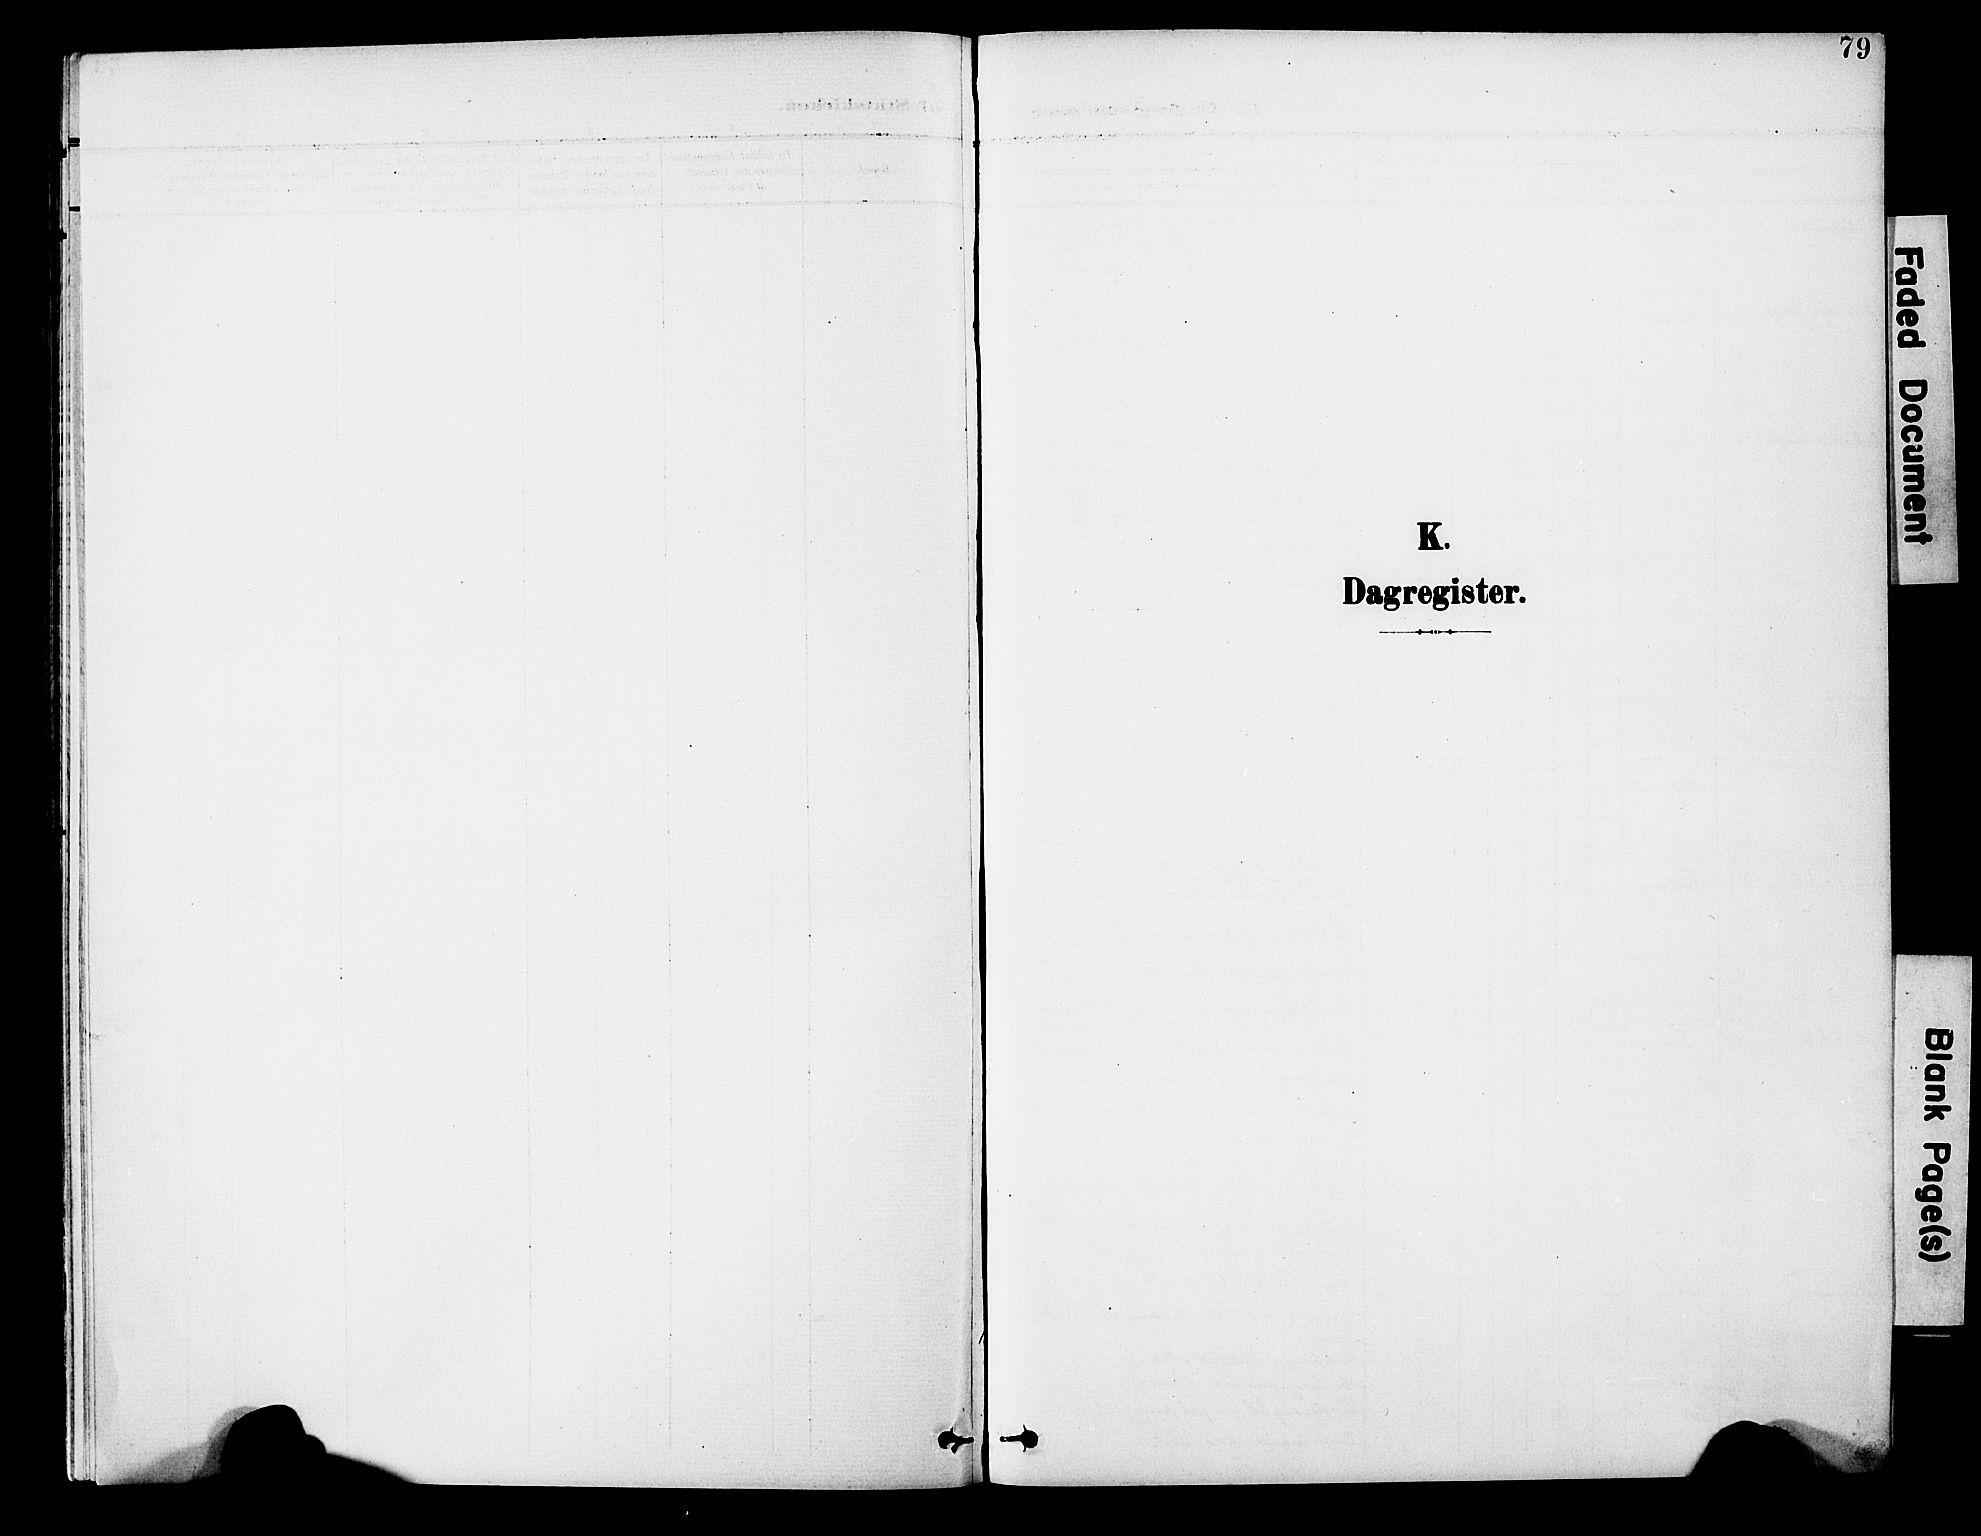 SAT, Ministerialprotokoller, klokkerbøker og fødselsregistre - Nord-Trøndelag, 746/L0452: Ministerialbok nr. 746A09, 1900-1908, s. 79